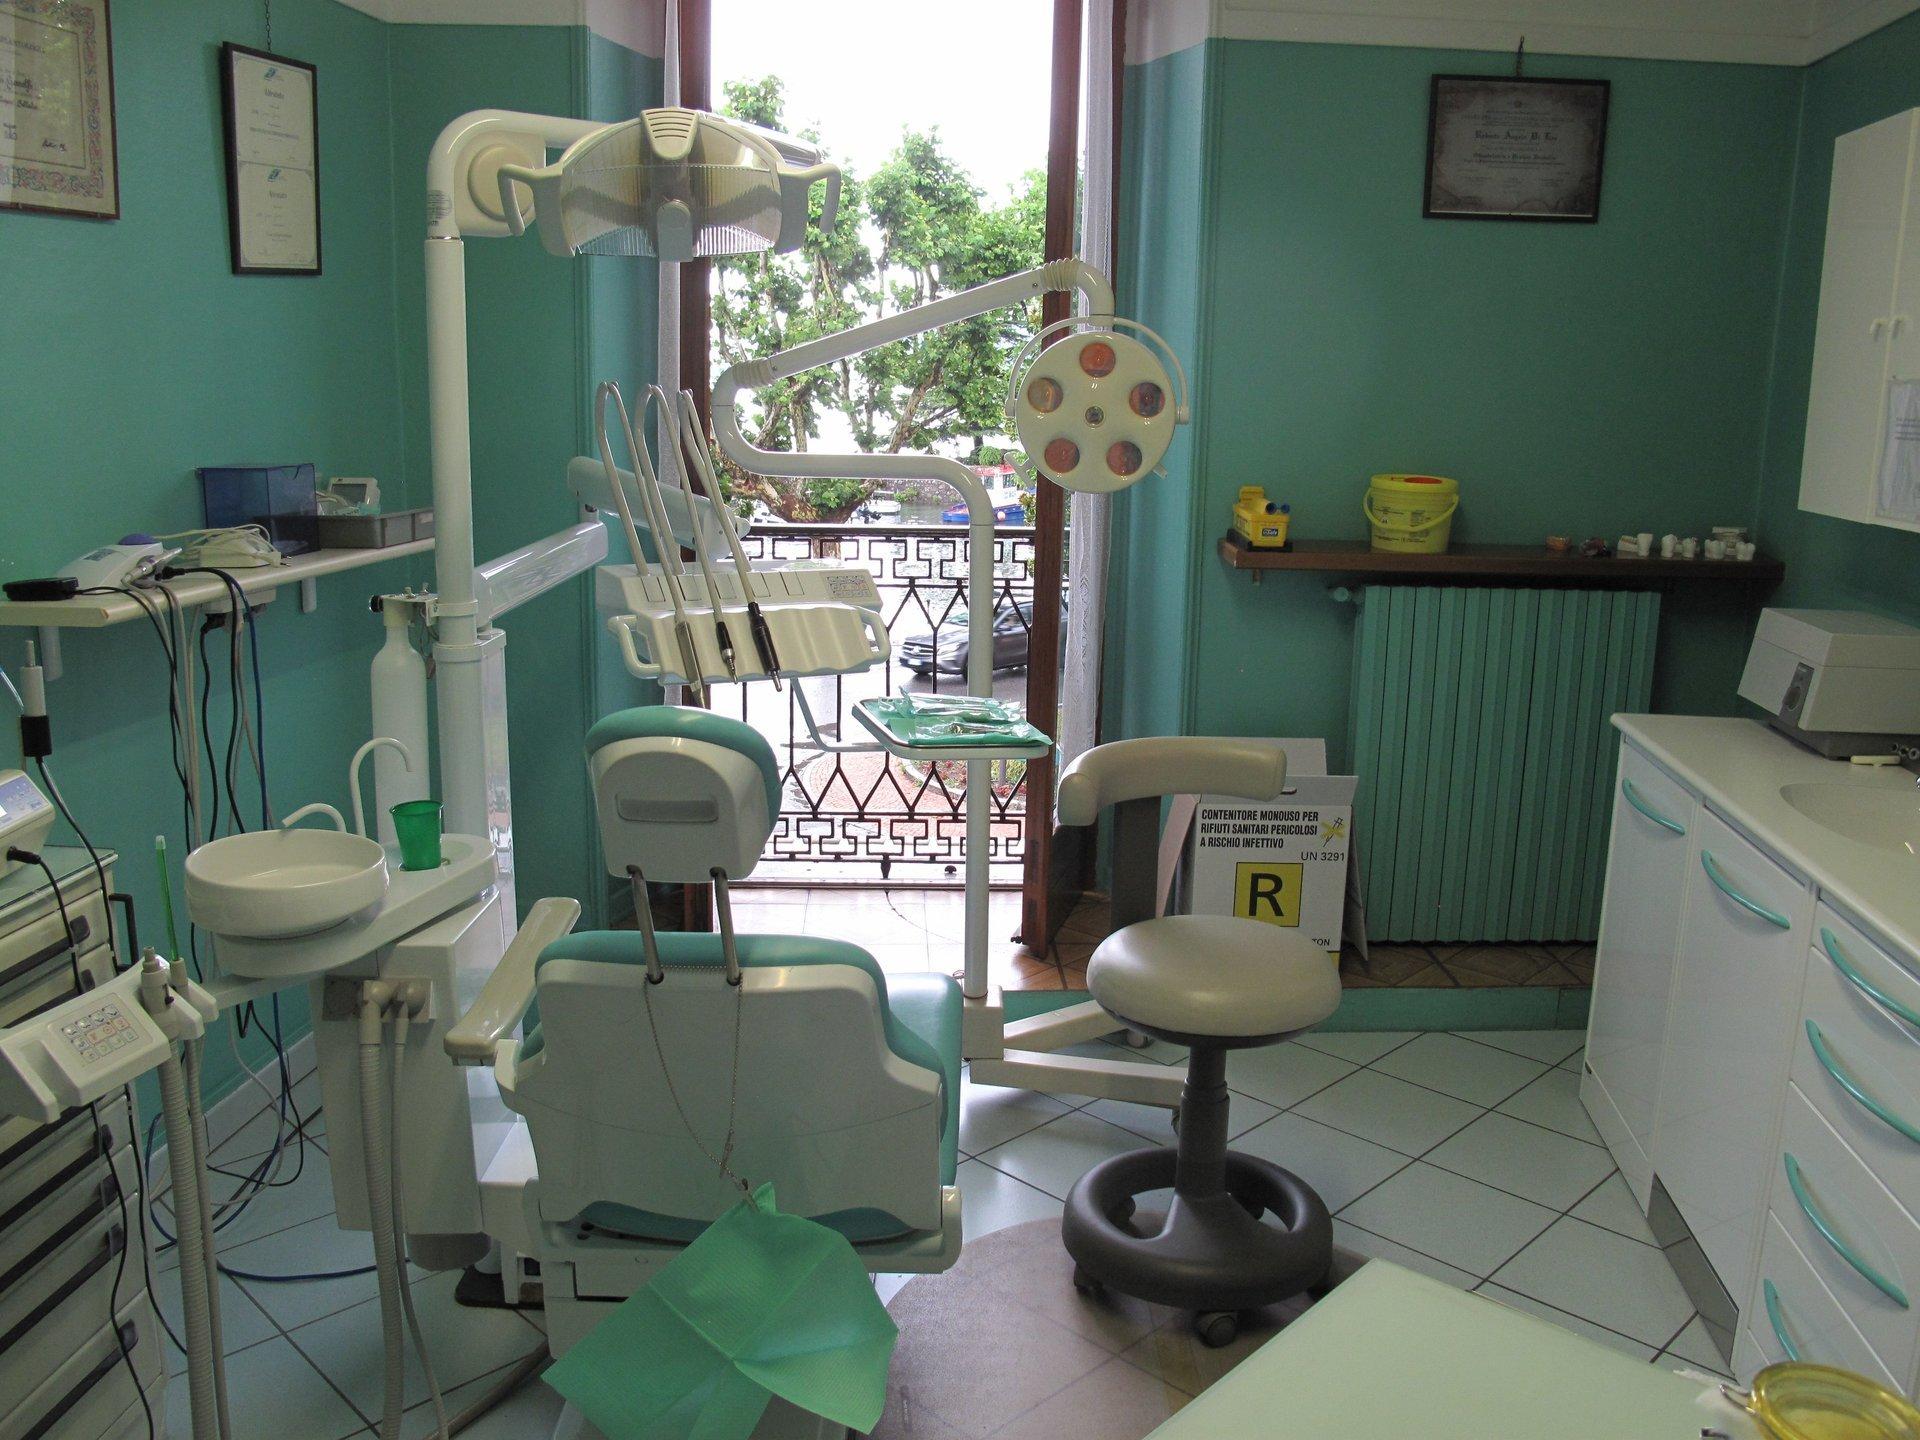 strumenti dentistici e macchinari per la pulizia dei denti